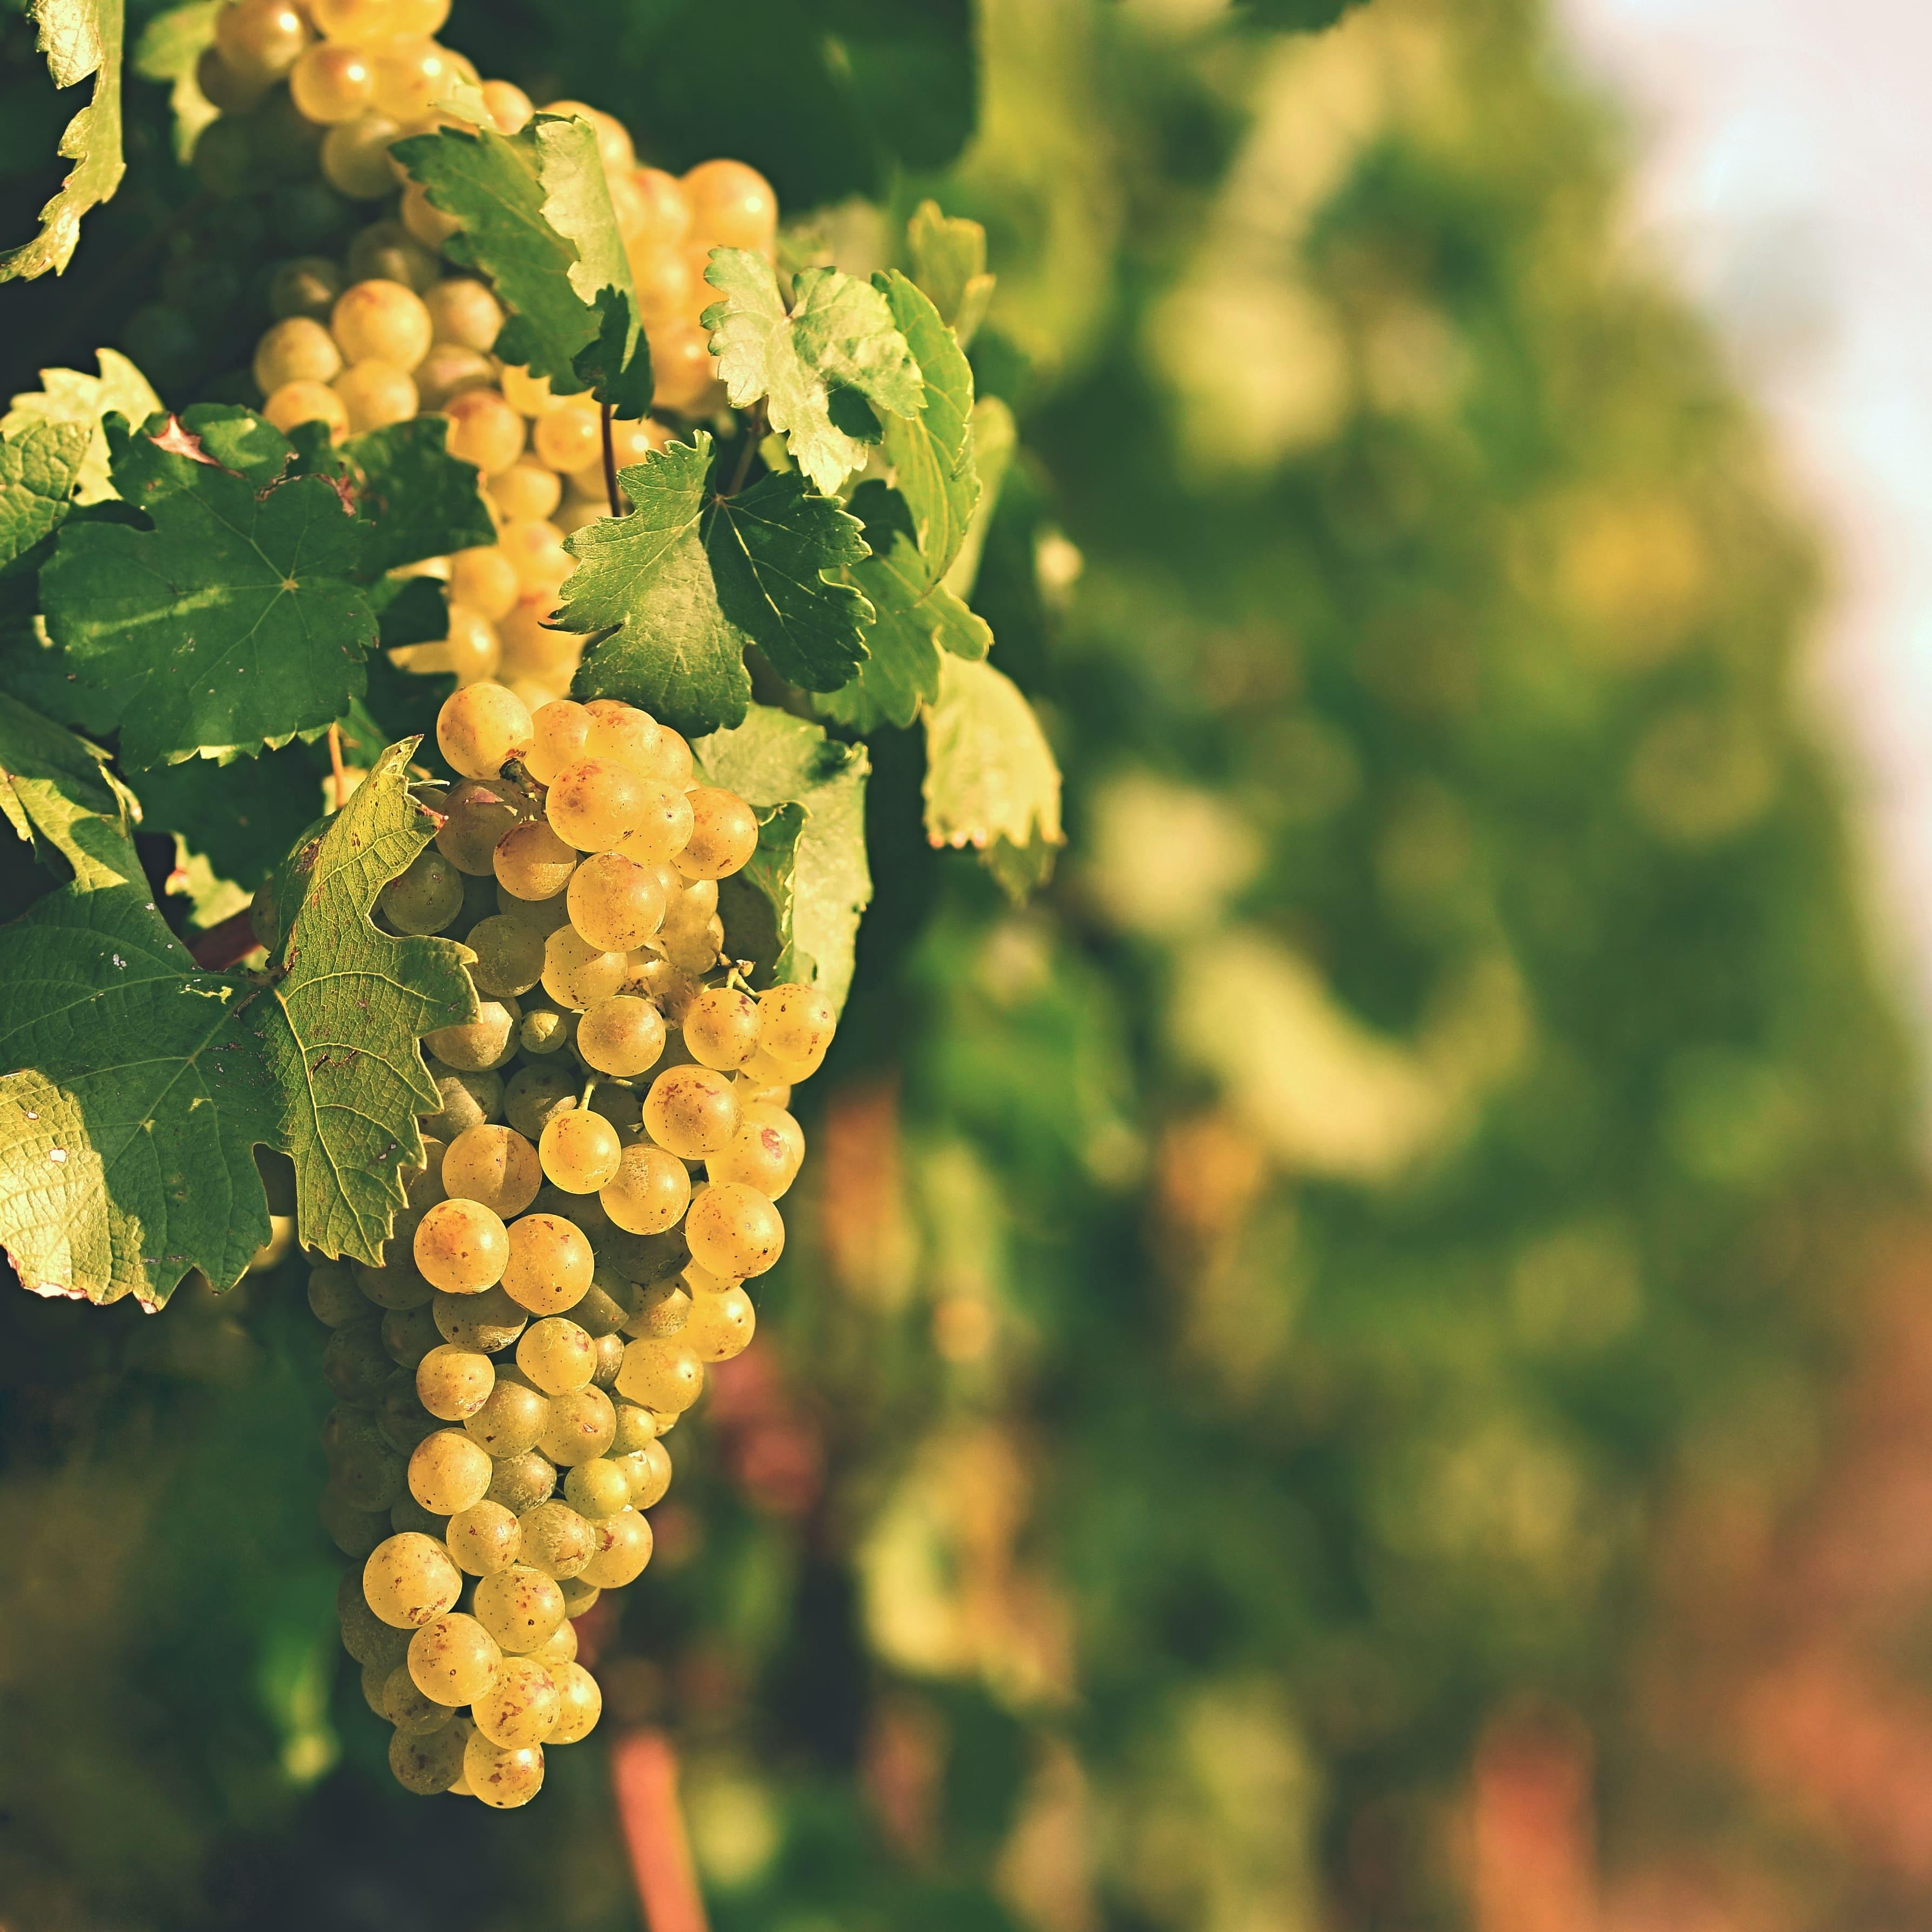 Vino in Belgio: il cambiamento climatico in agricoltura